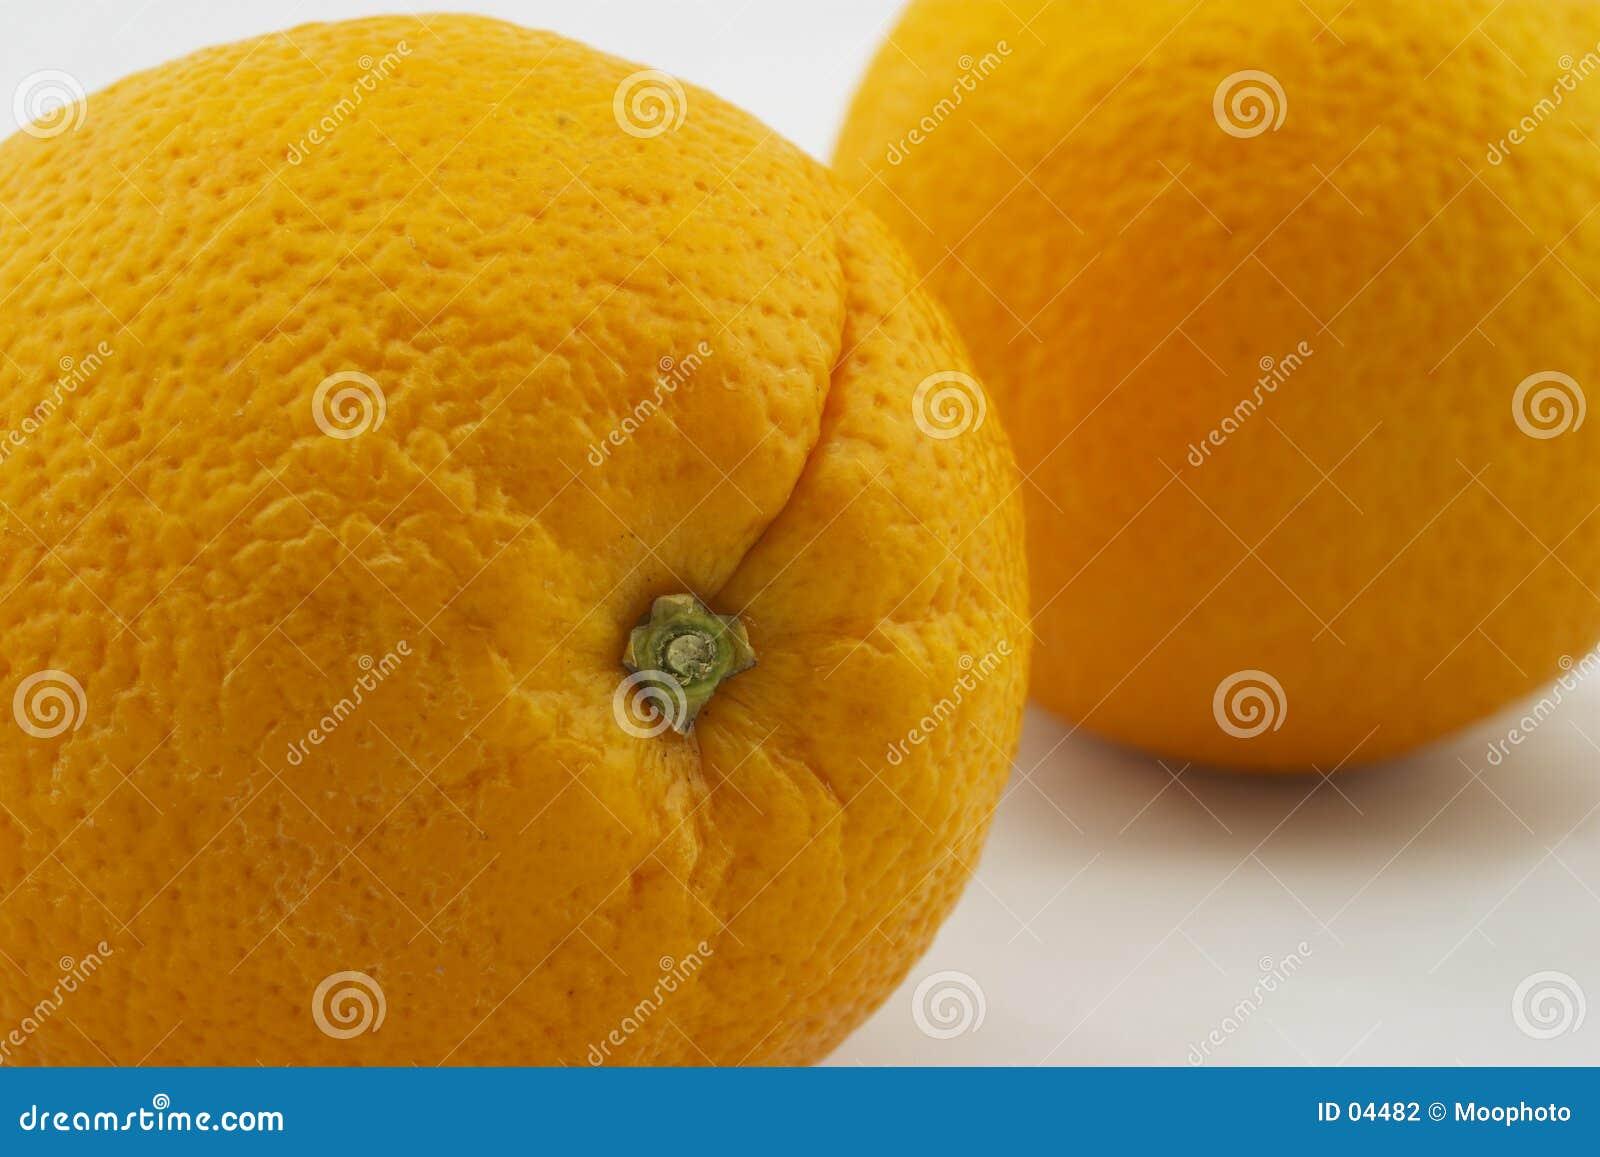 Fałda zbliżeń pomarańczy dwa łodygi